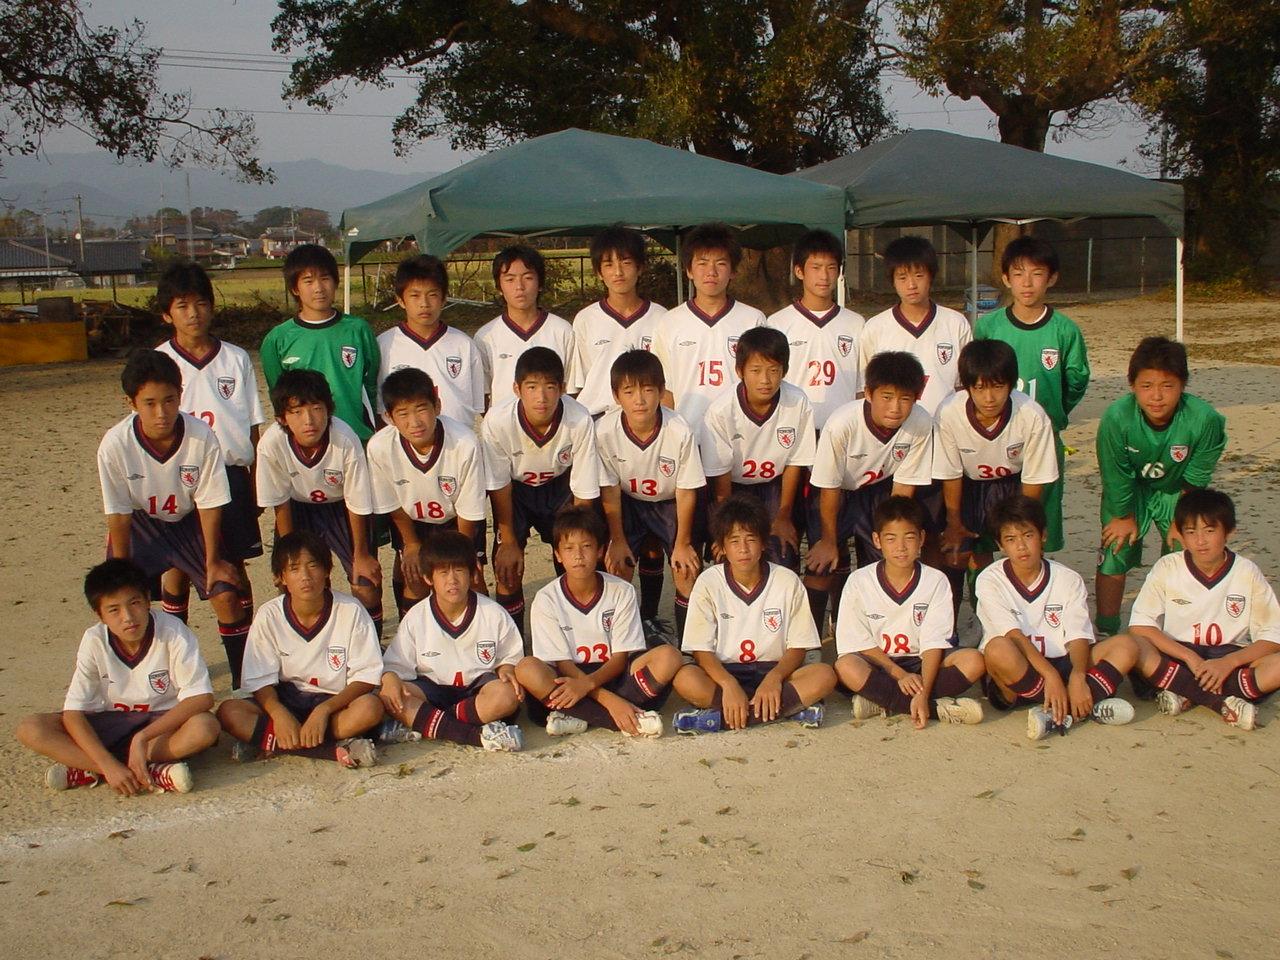 第5回 荒尾ジュニアユースカップ九州交歓...